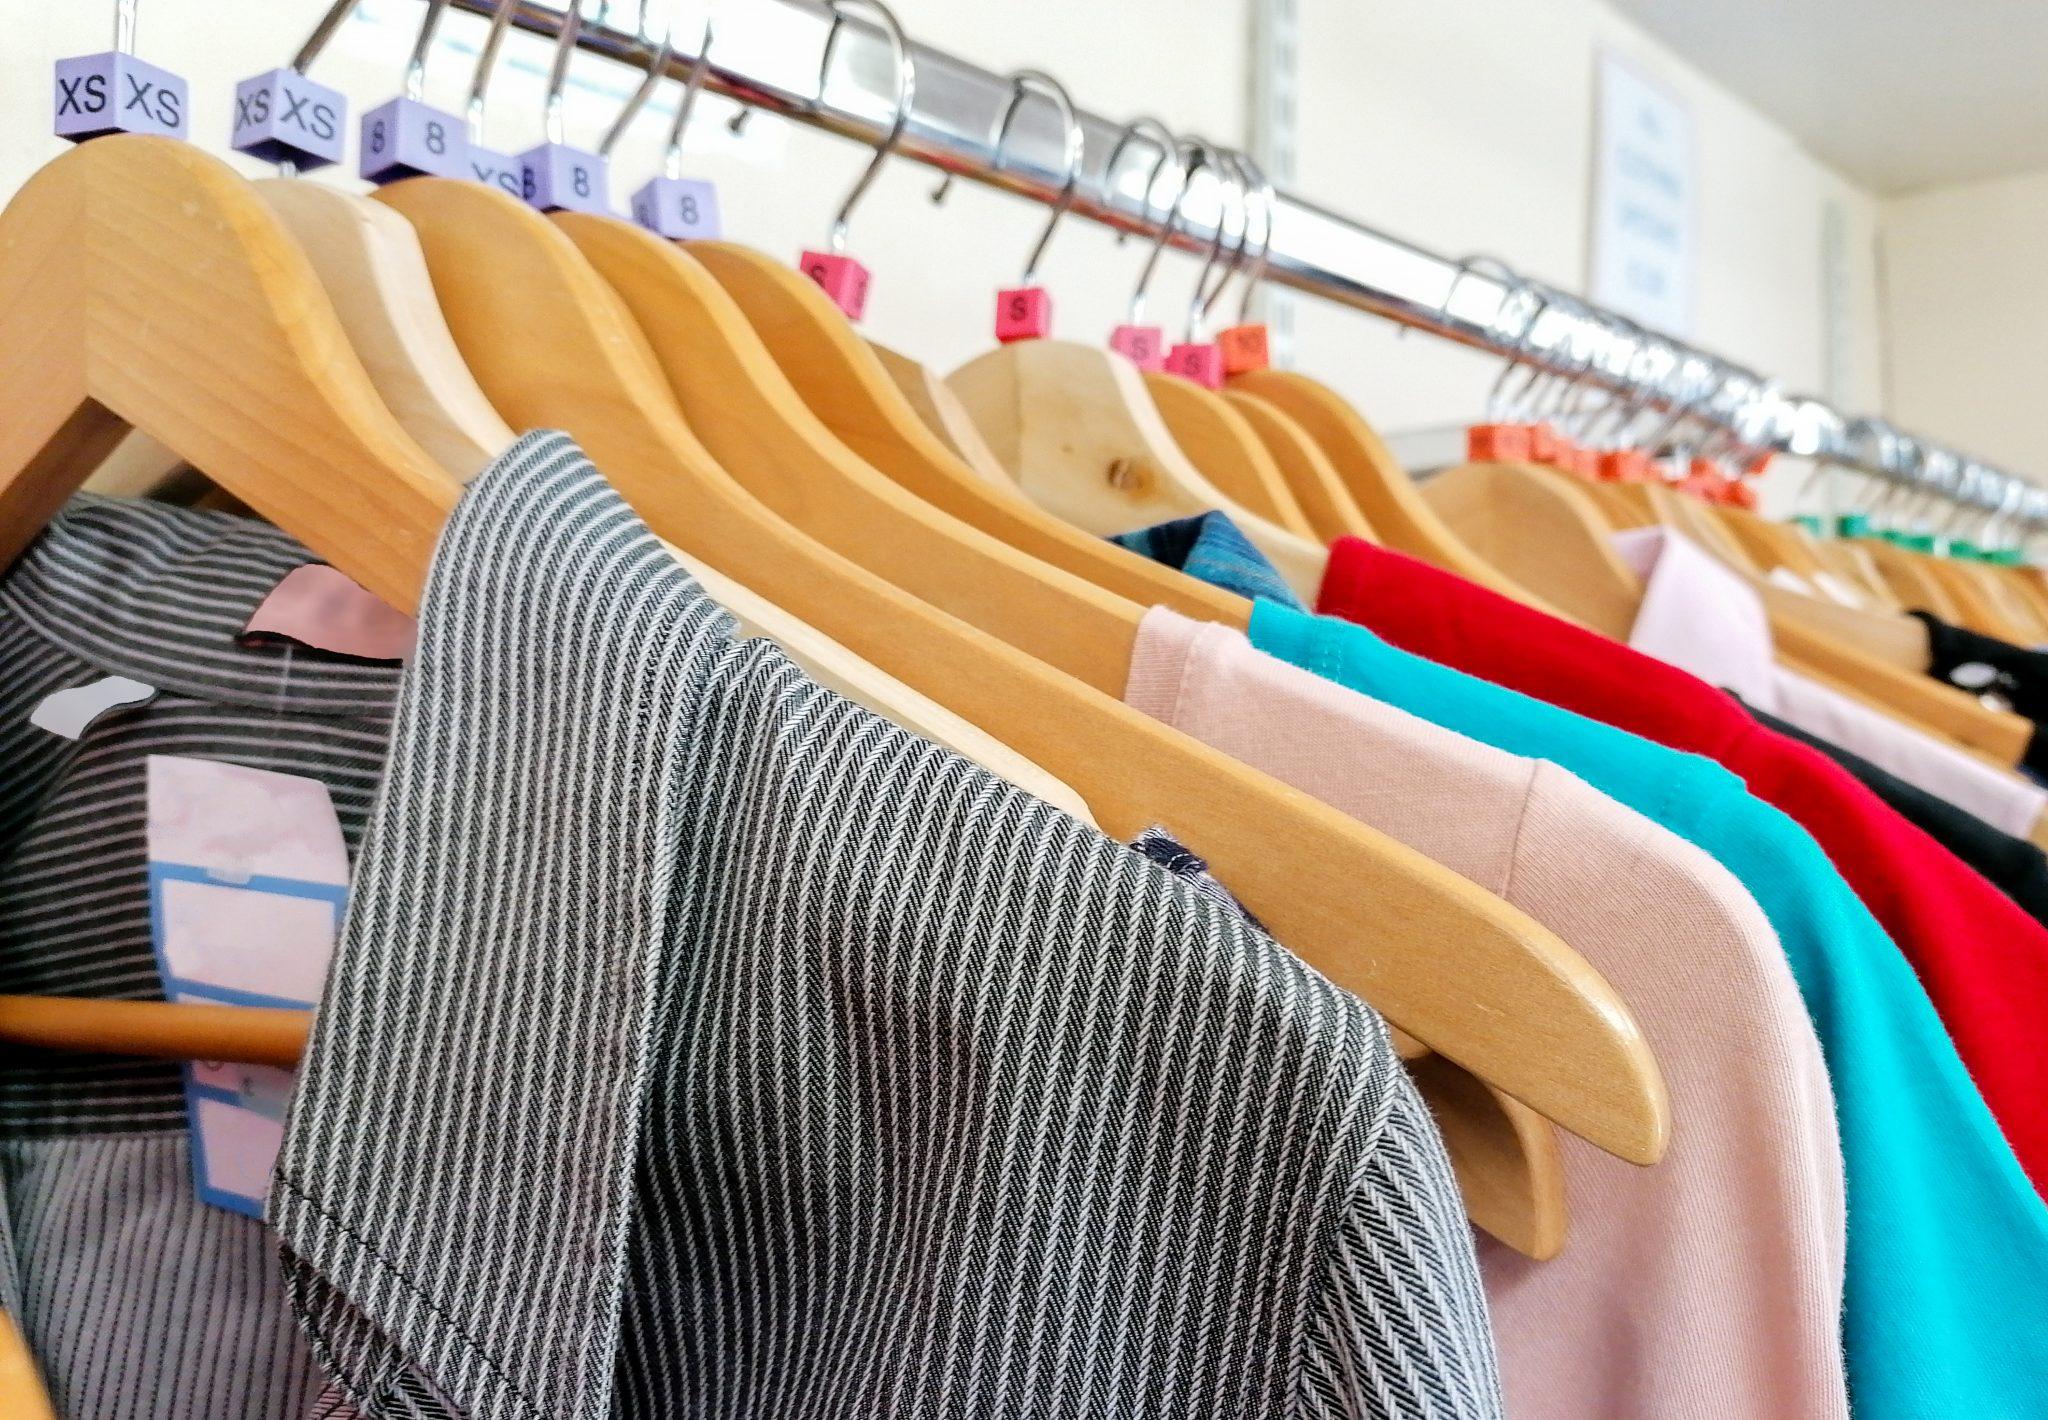 Acheter en friperie : les bonnes affaires à shopper